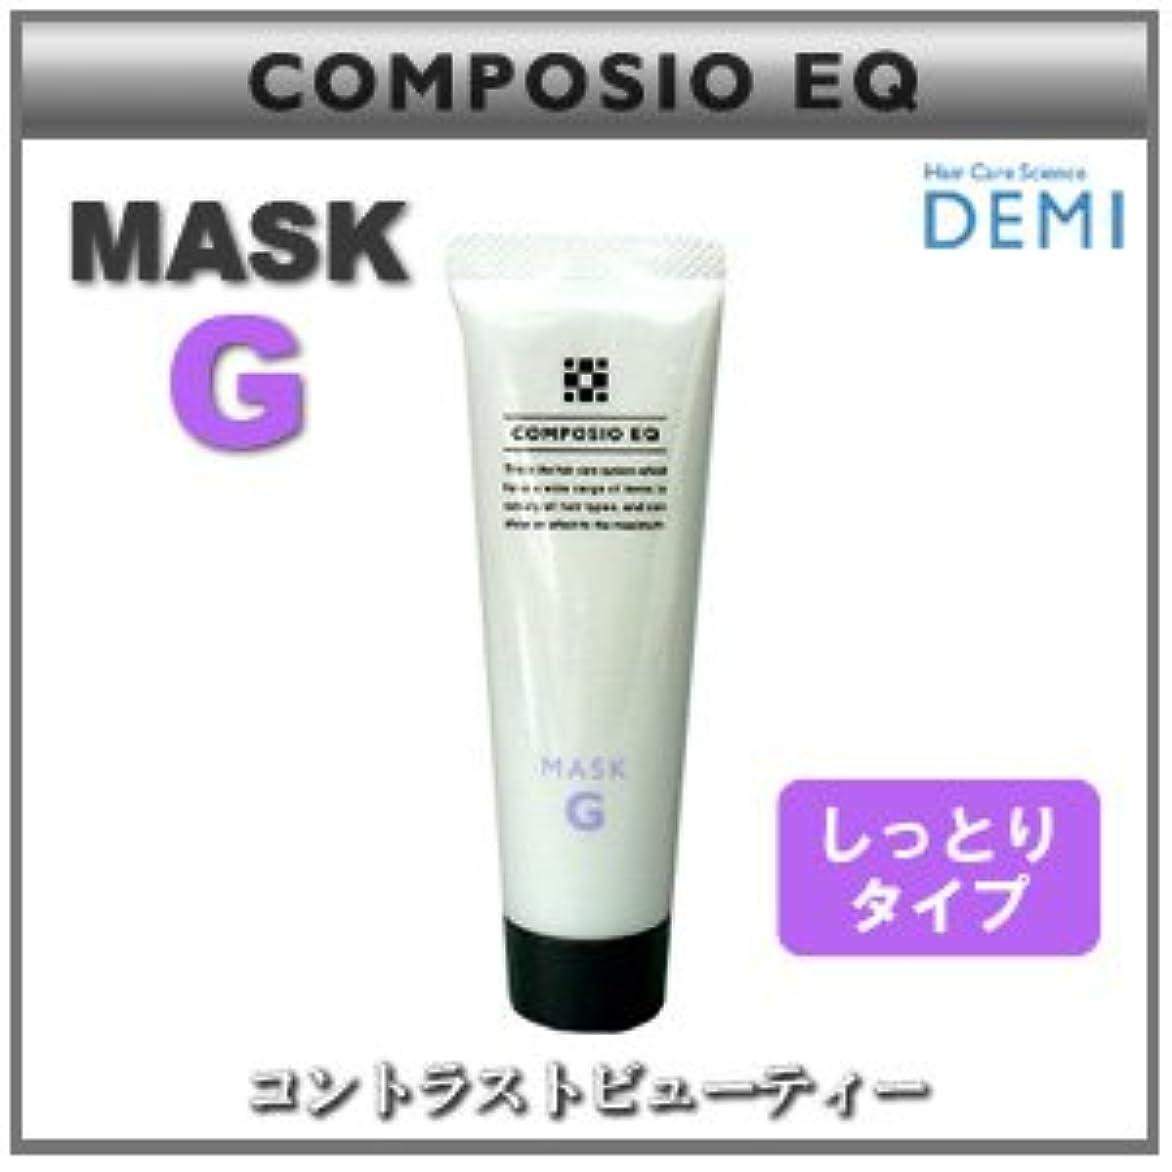 アデレード中で連鎖【X5個セット】 デミ コンポジオ EQ マスク G 50g